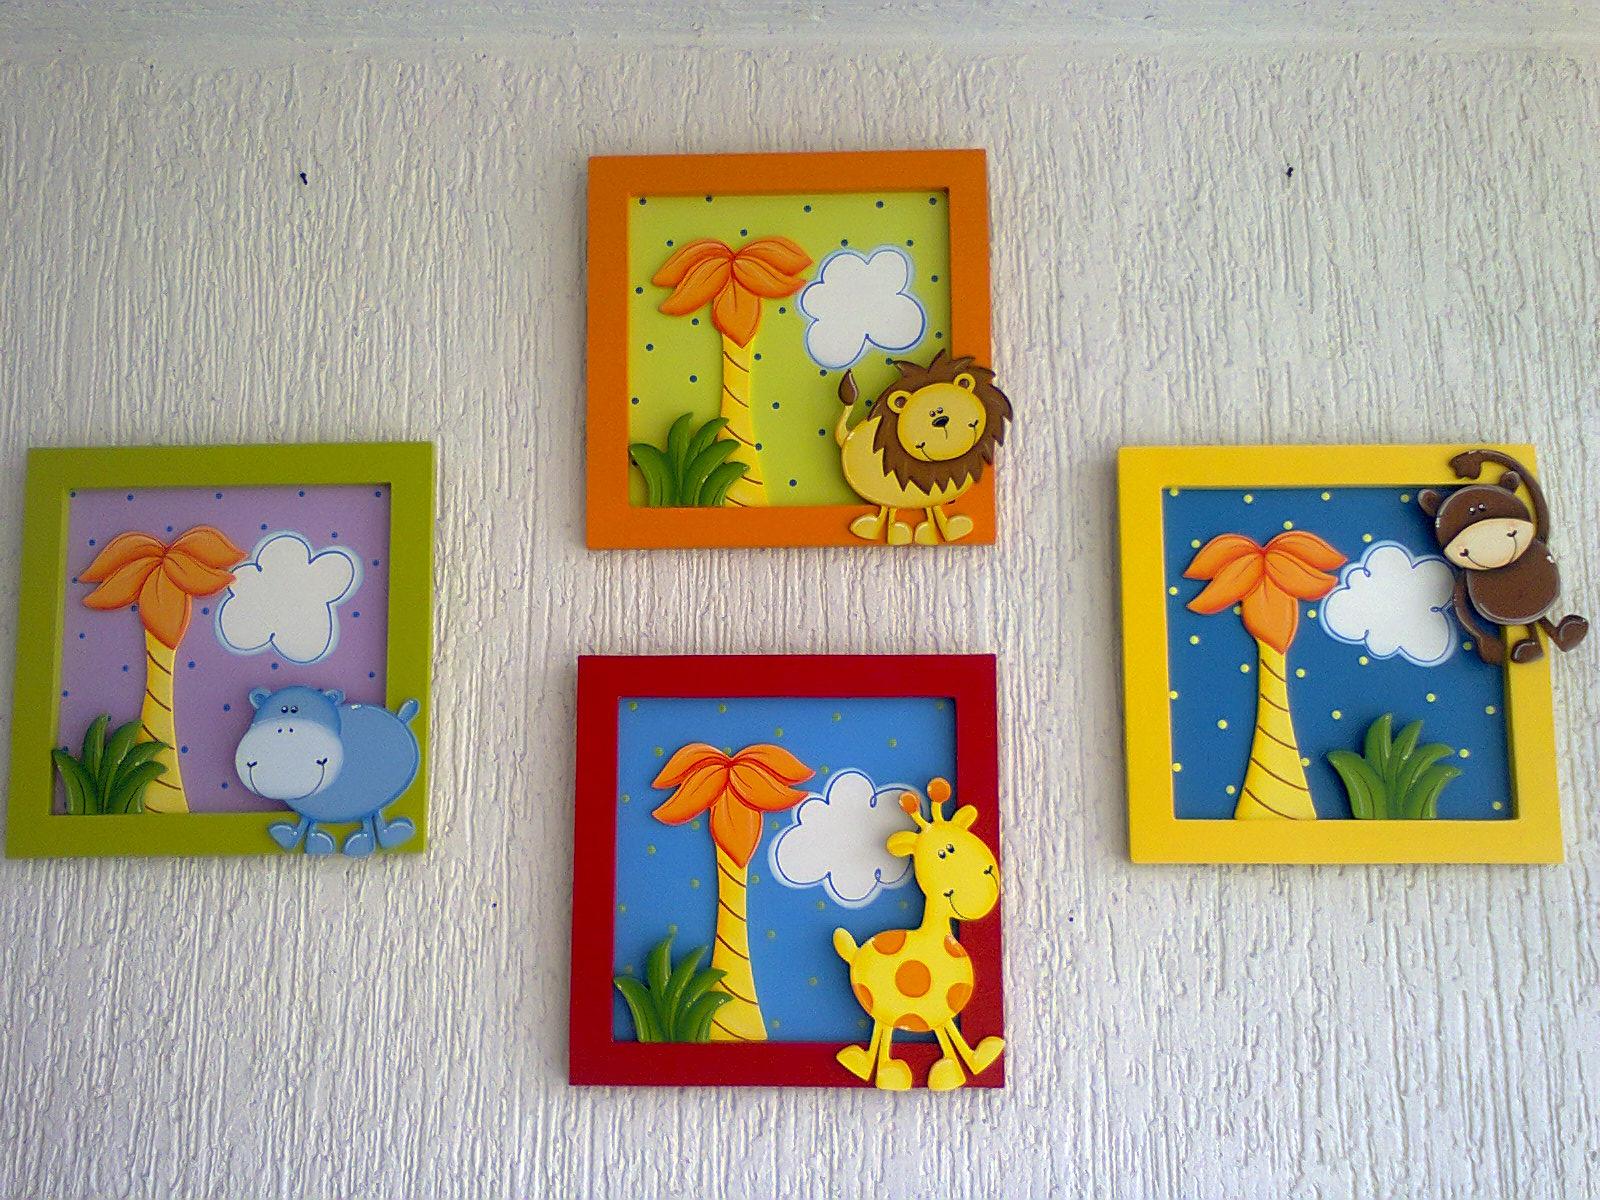 Aventuras country cuadros infantiles for Caja de colores jardin infantil